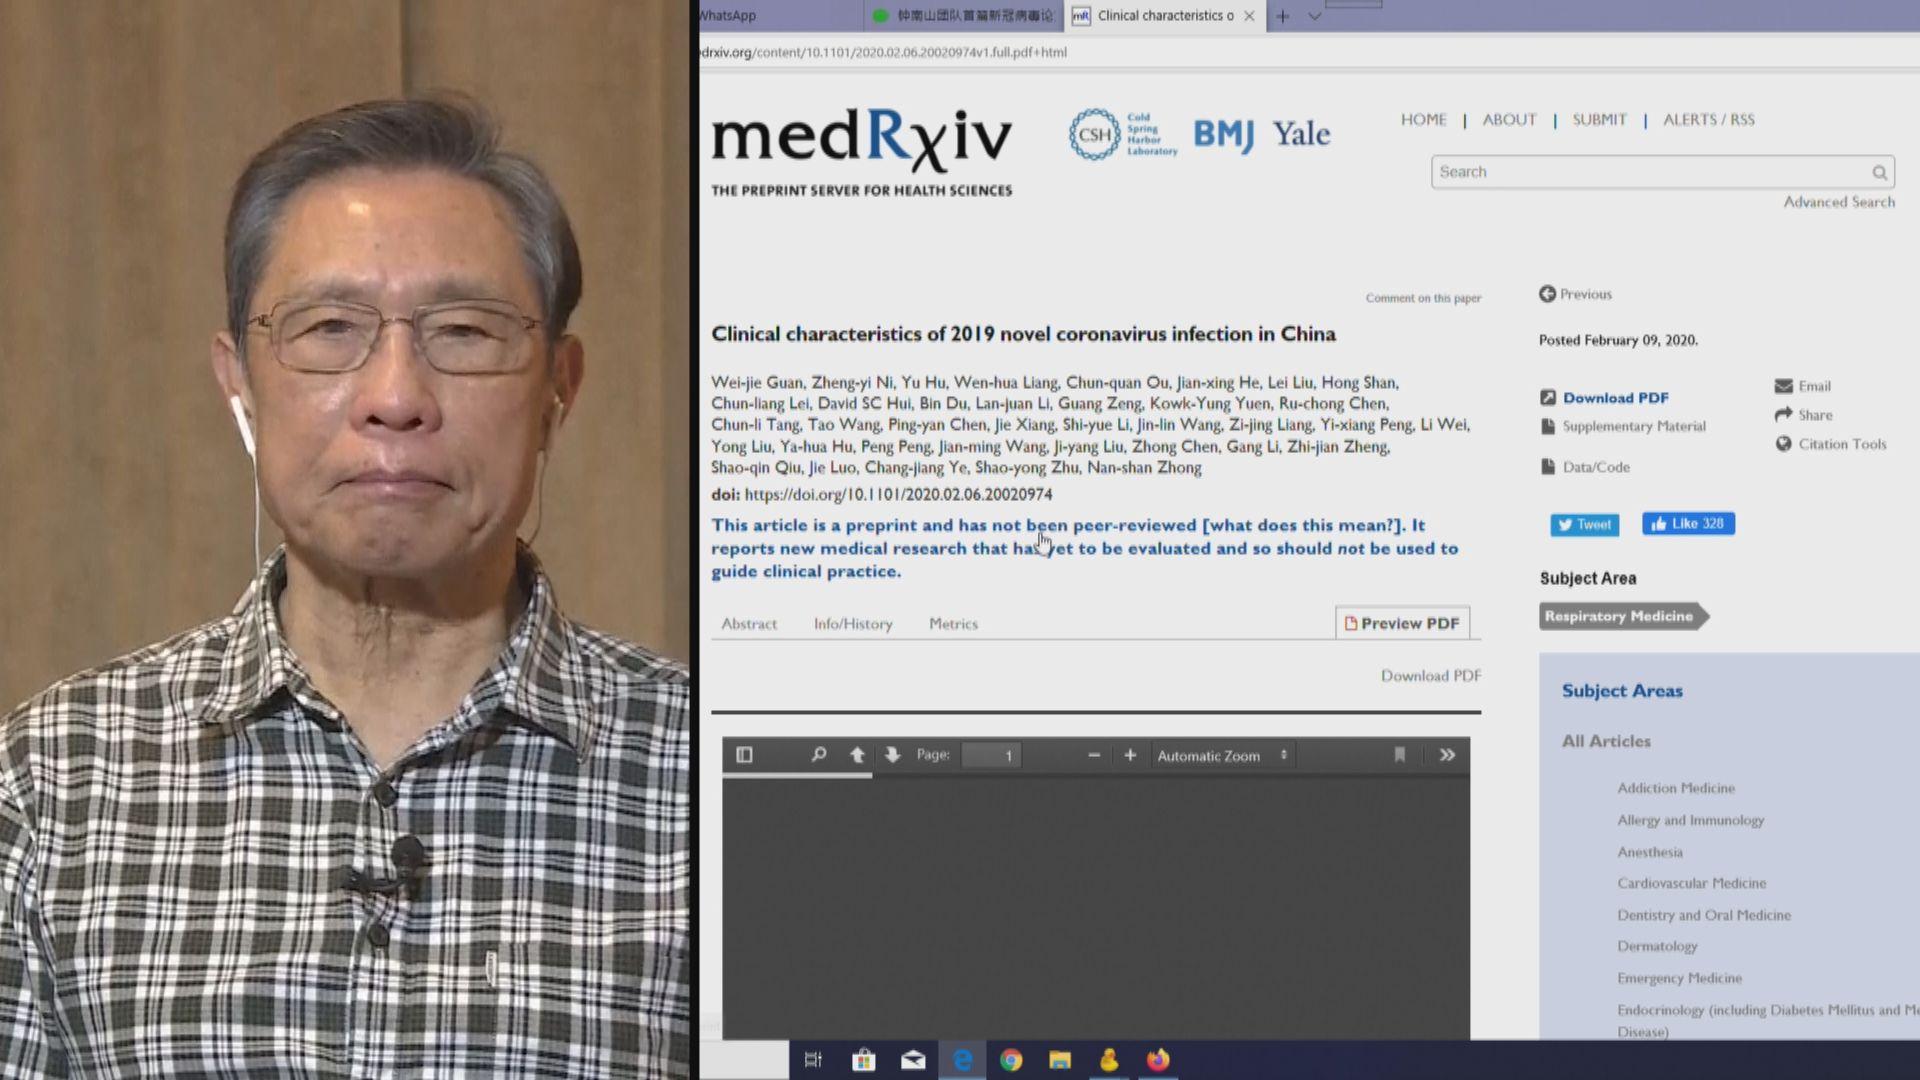 鍾南山:新型冠狀病毒最長潛伏期達24日